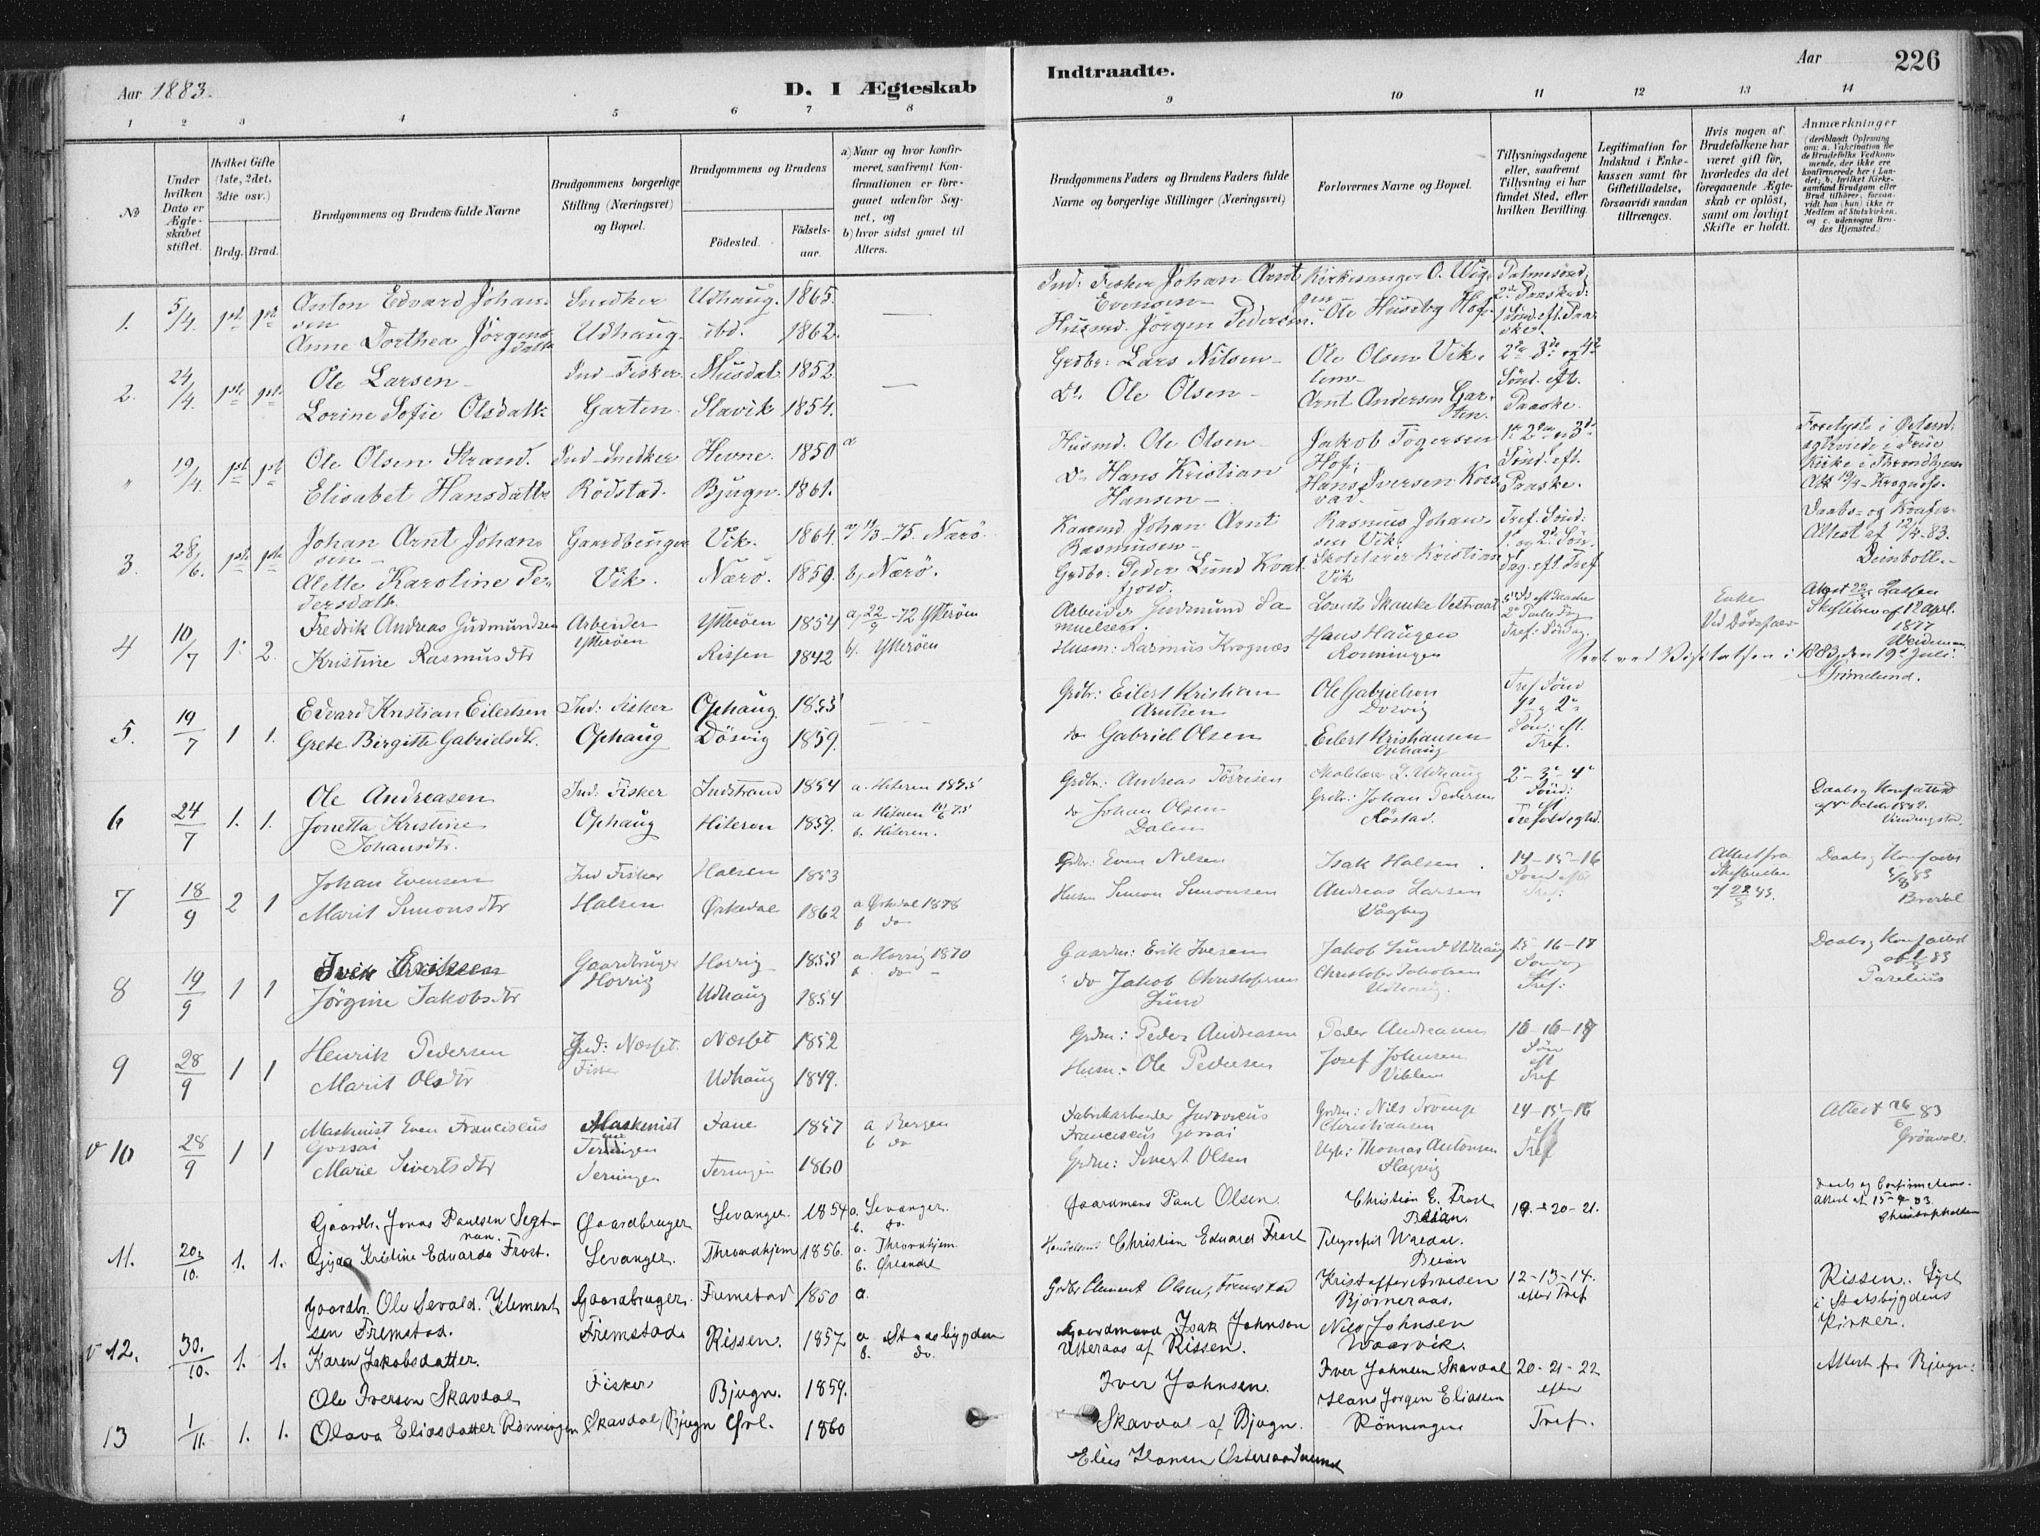 SAT, Ministerialprotokoller, klokkerbøker og fødselsregistre - Sør-Trøndelag, 659/L0739: Ministerialbok nr. 659A09, 1879-1893, s. 226